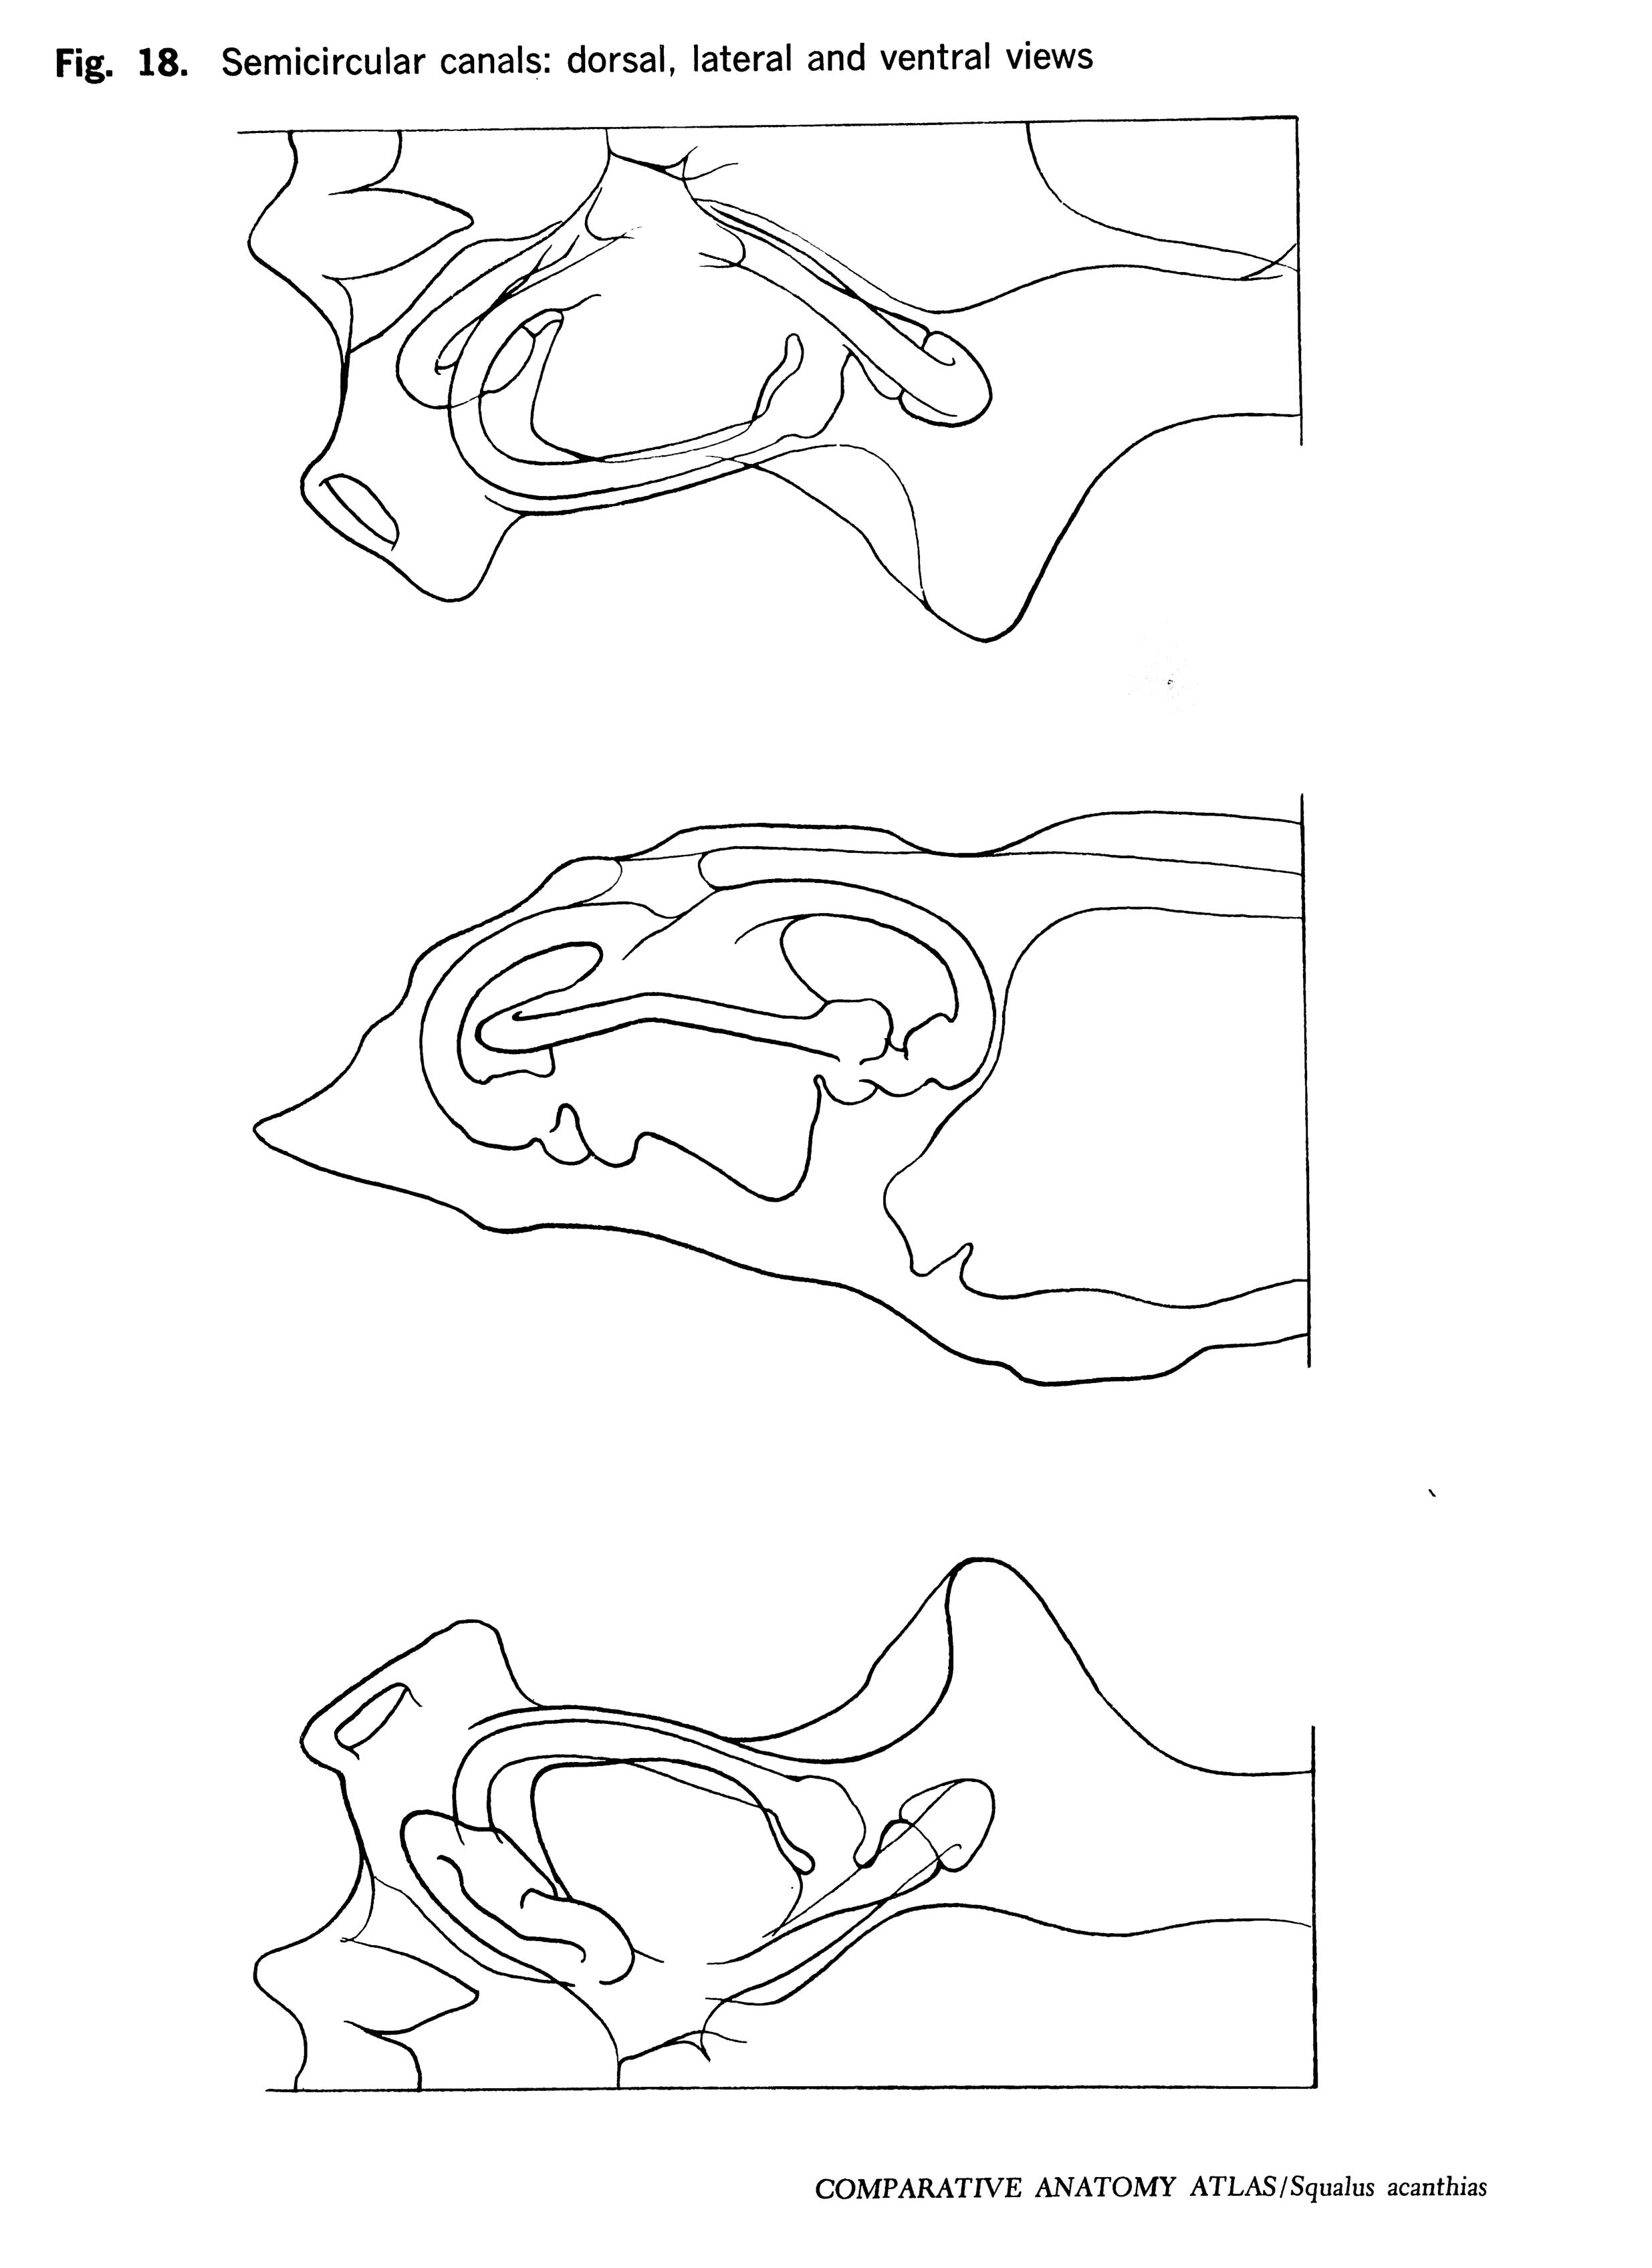 Squalus acantbias Figure 18